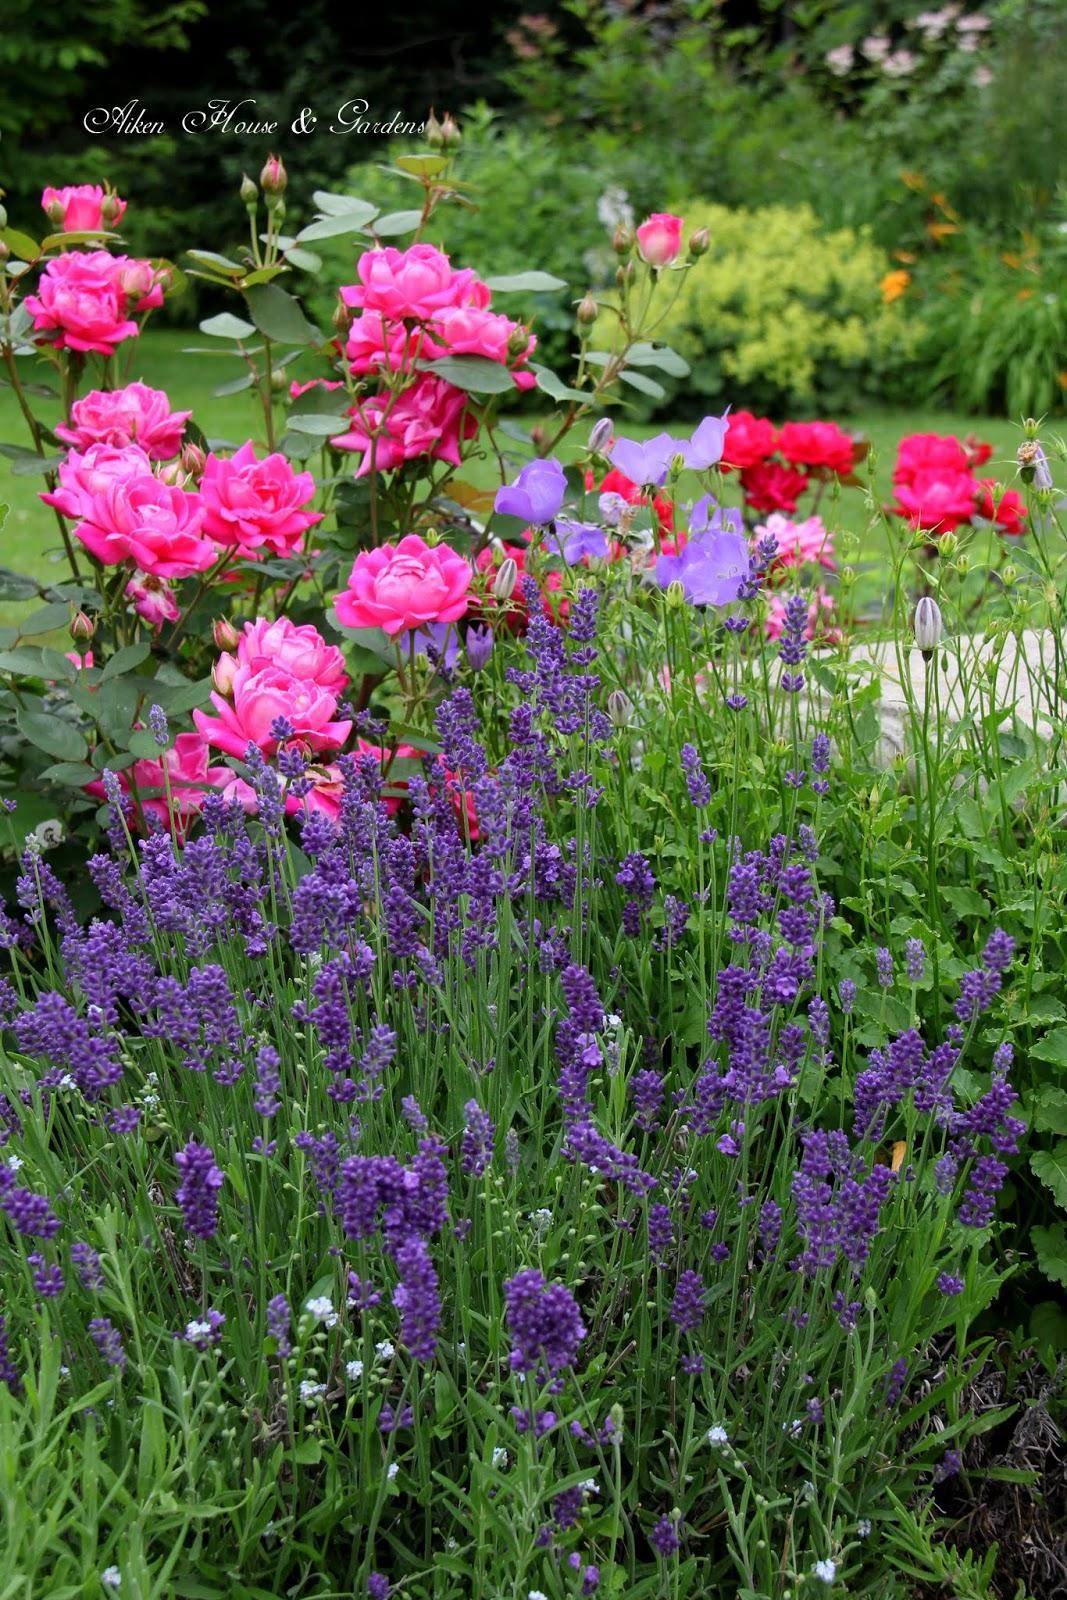 Záhrada,ktorá ťa nikdy neomrzí...divoká a krásna - Obrázok č. 99